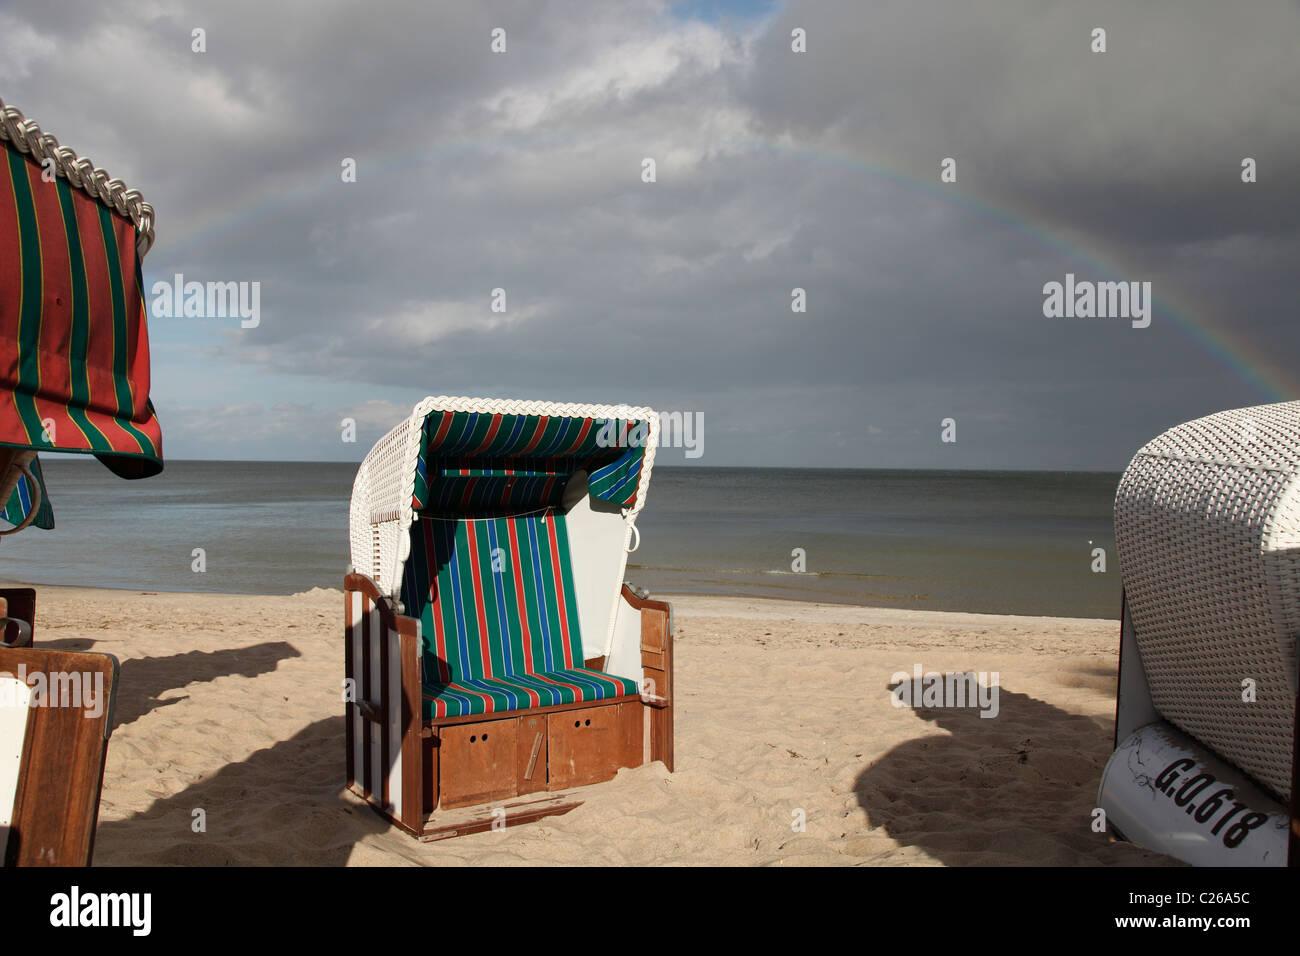 rainbow over Baltic Sea; Regenbogen über Ostsee - Stock Image